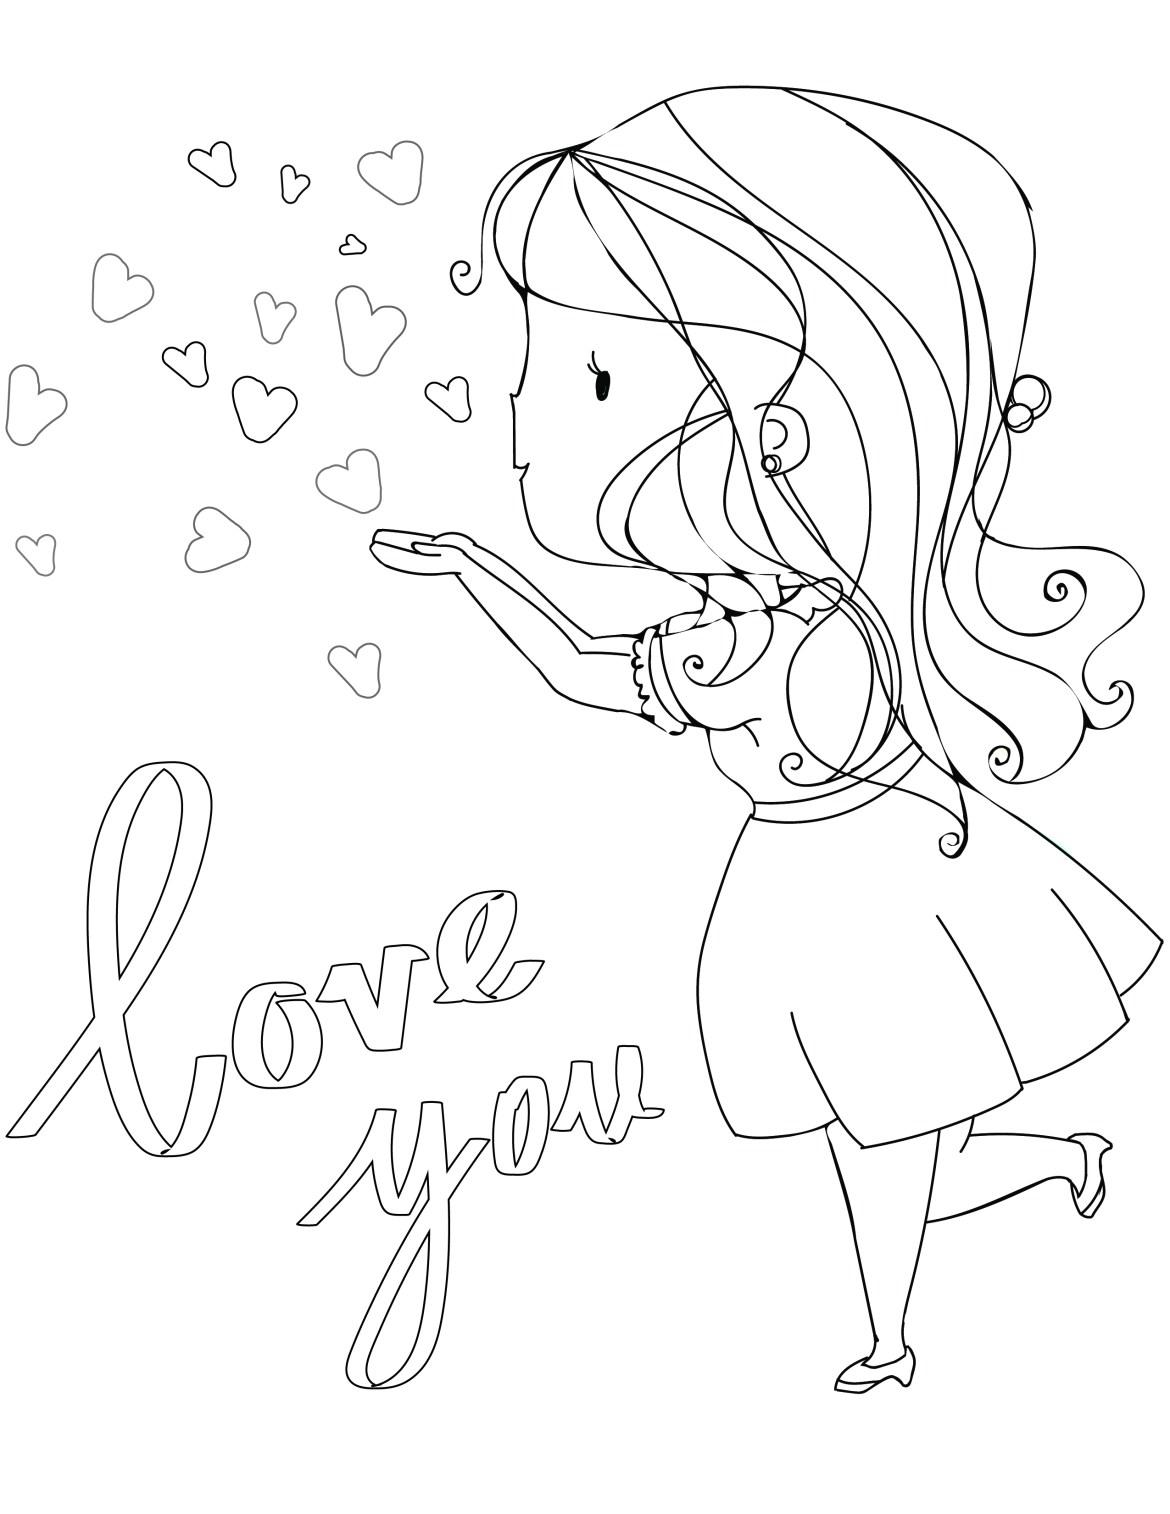 Fillette je t'aime de saint valentin à imprimer